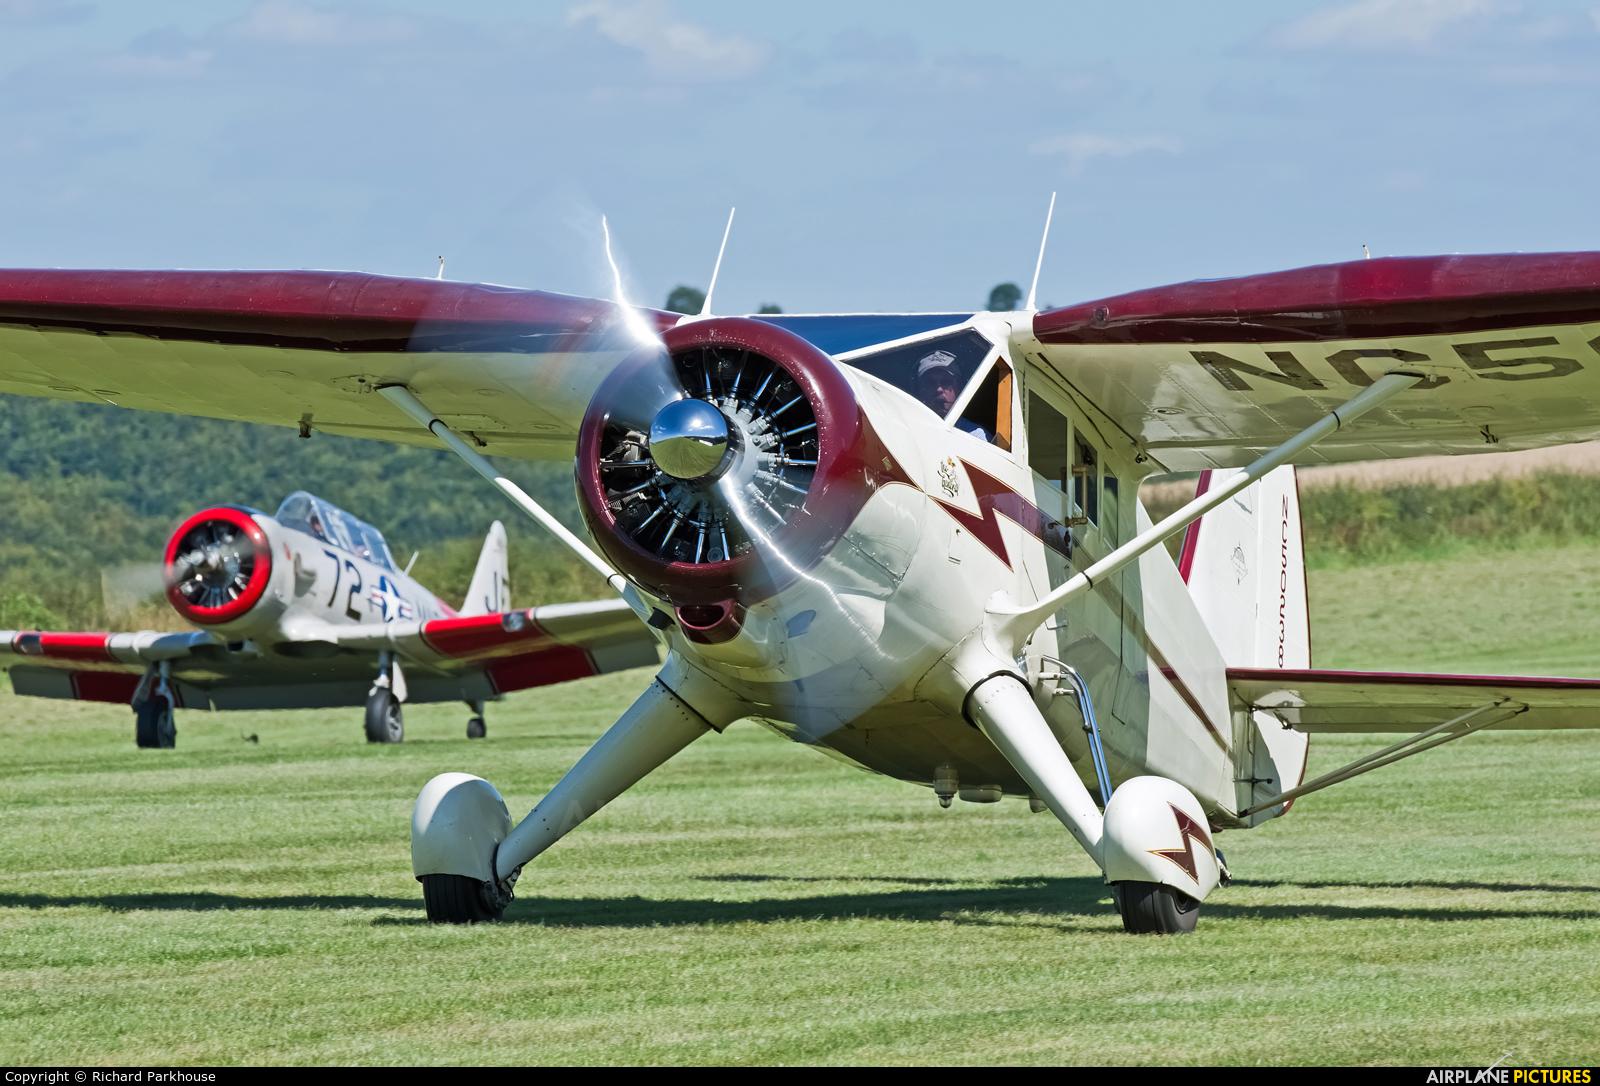 Private NC50238 aircraft at Compton Abbas